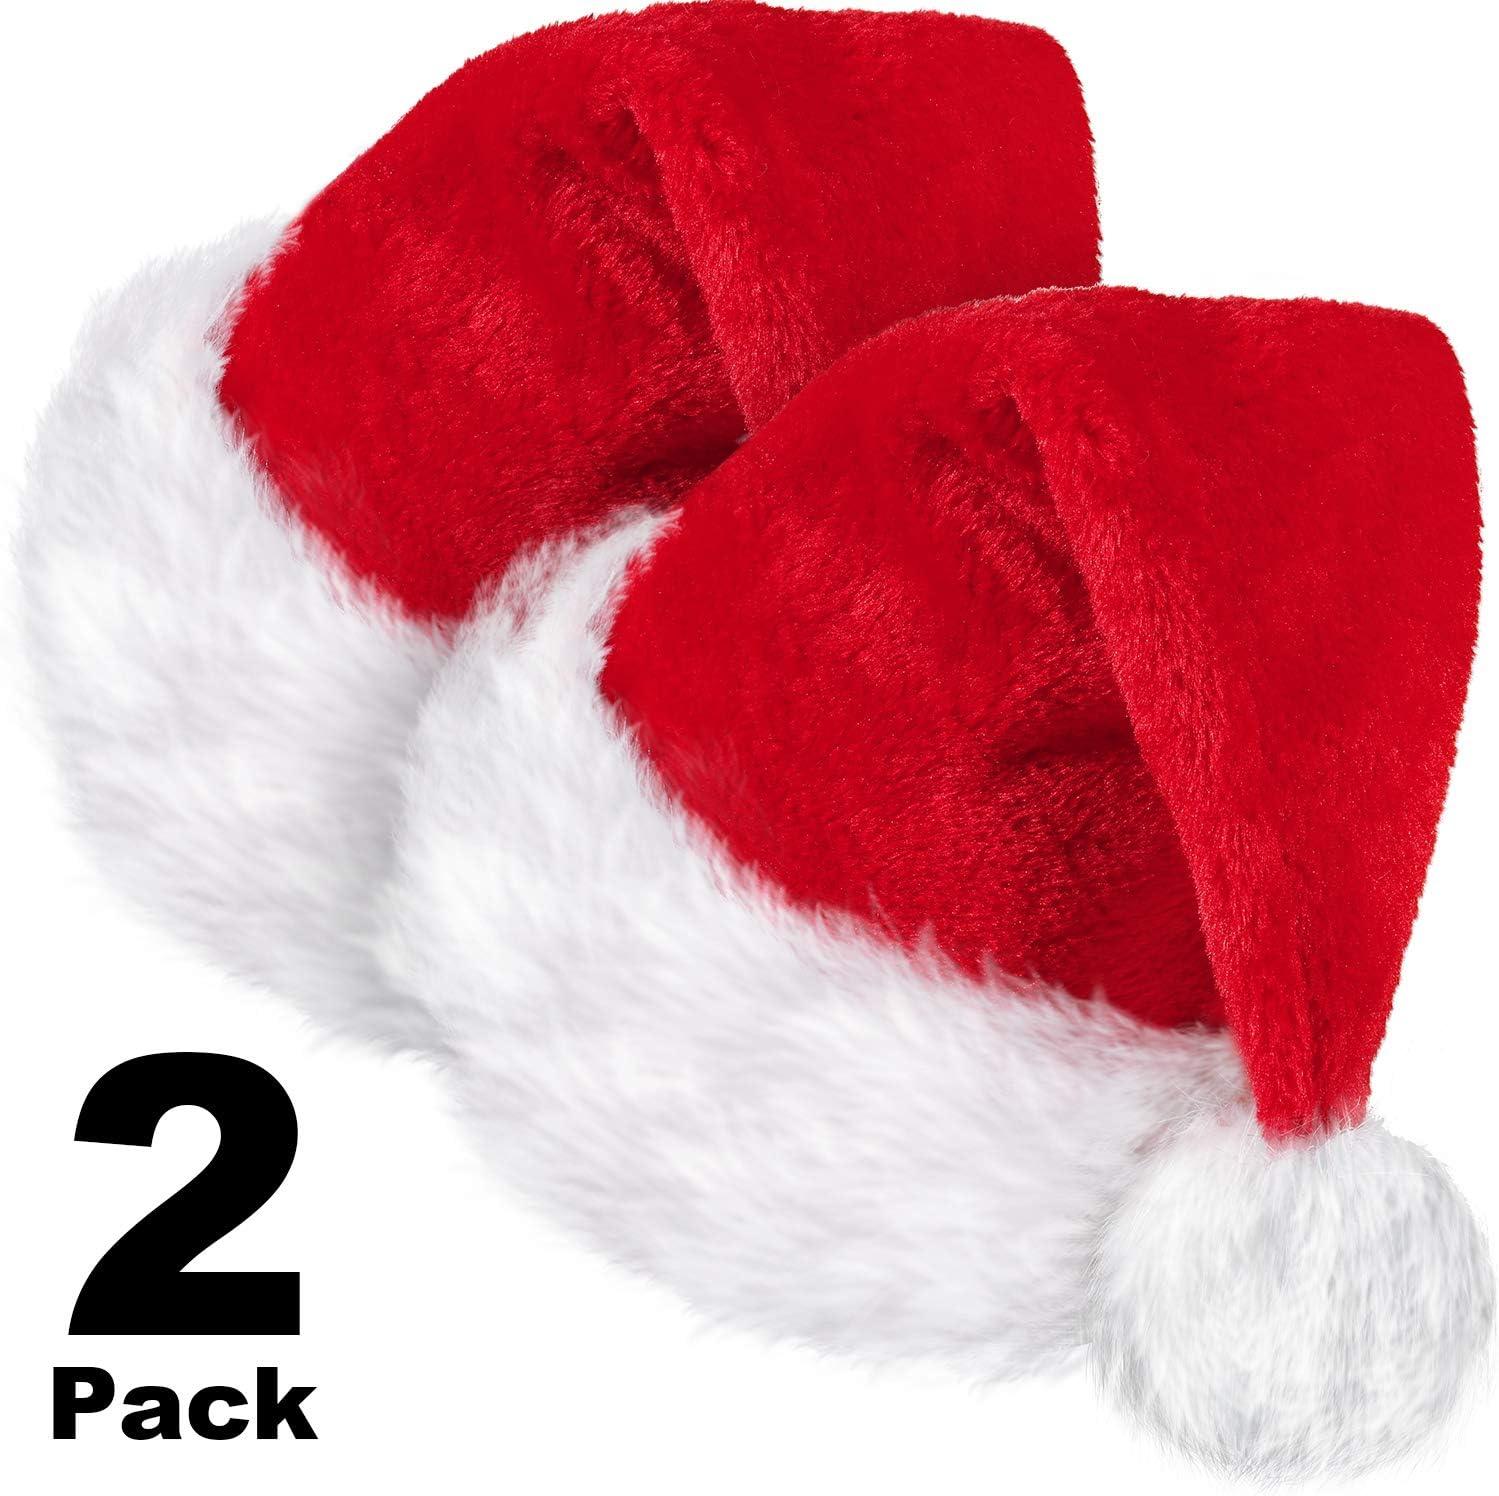 SATINIOR 2 Piezas de Gorro de Papá Noel de Navidad de Tela de Terciopelo Unisex, Gorro de Papá Noel con Forro Cómodo y Borde de Felpa Rojo para Fiesta de Adultos Año